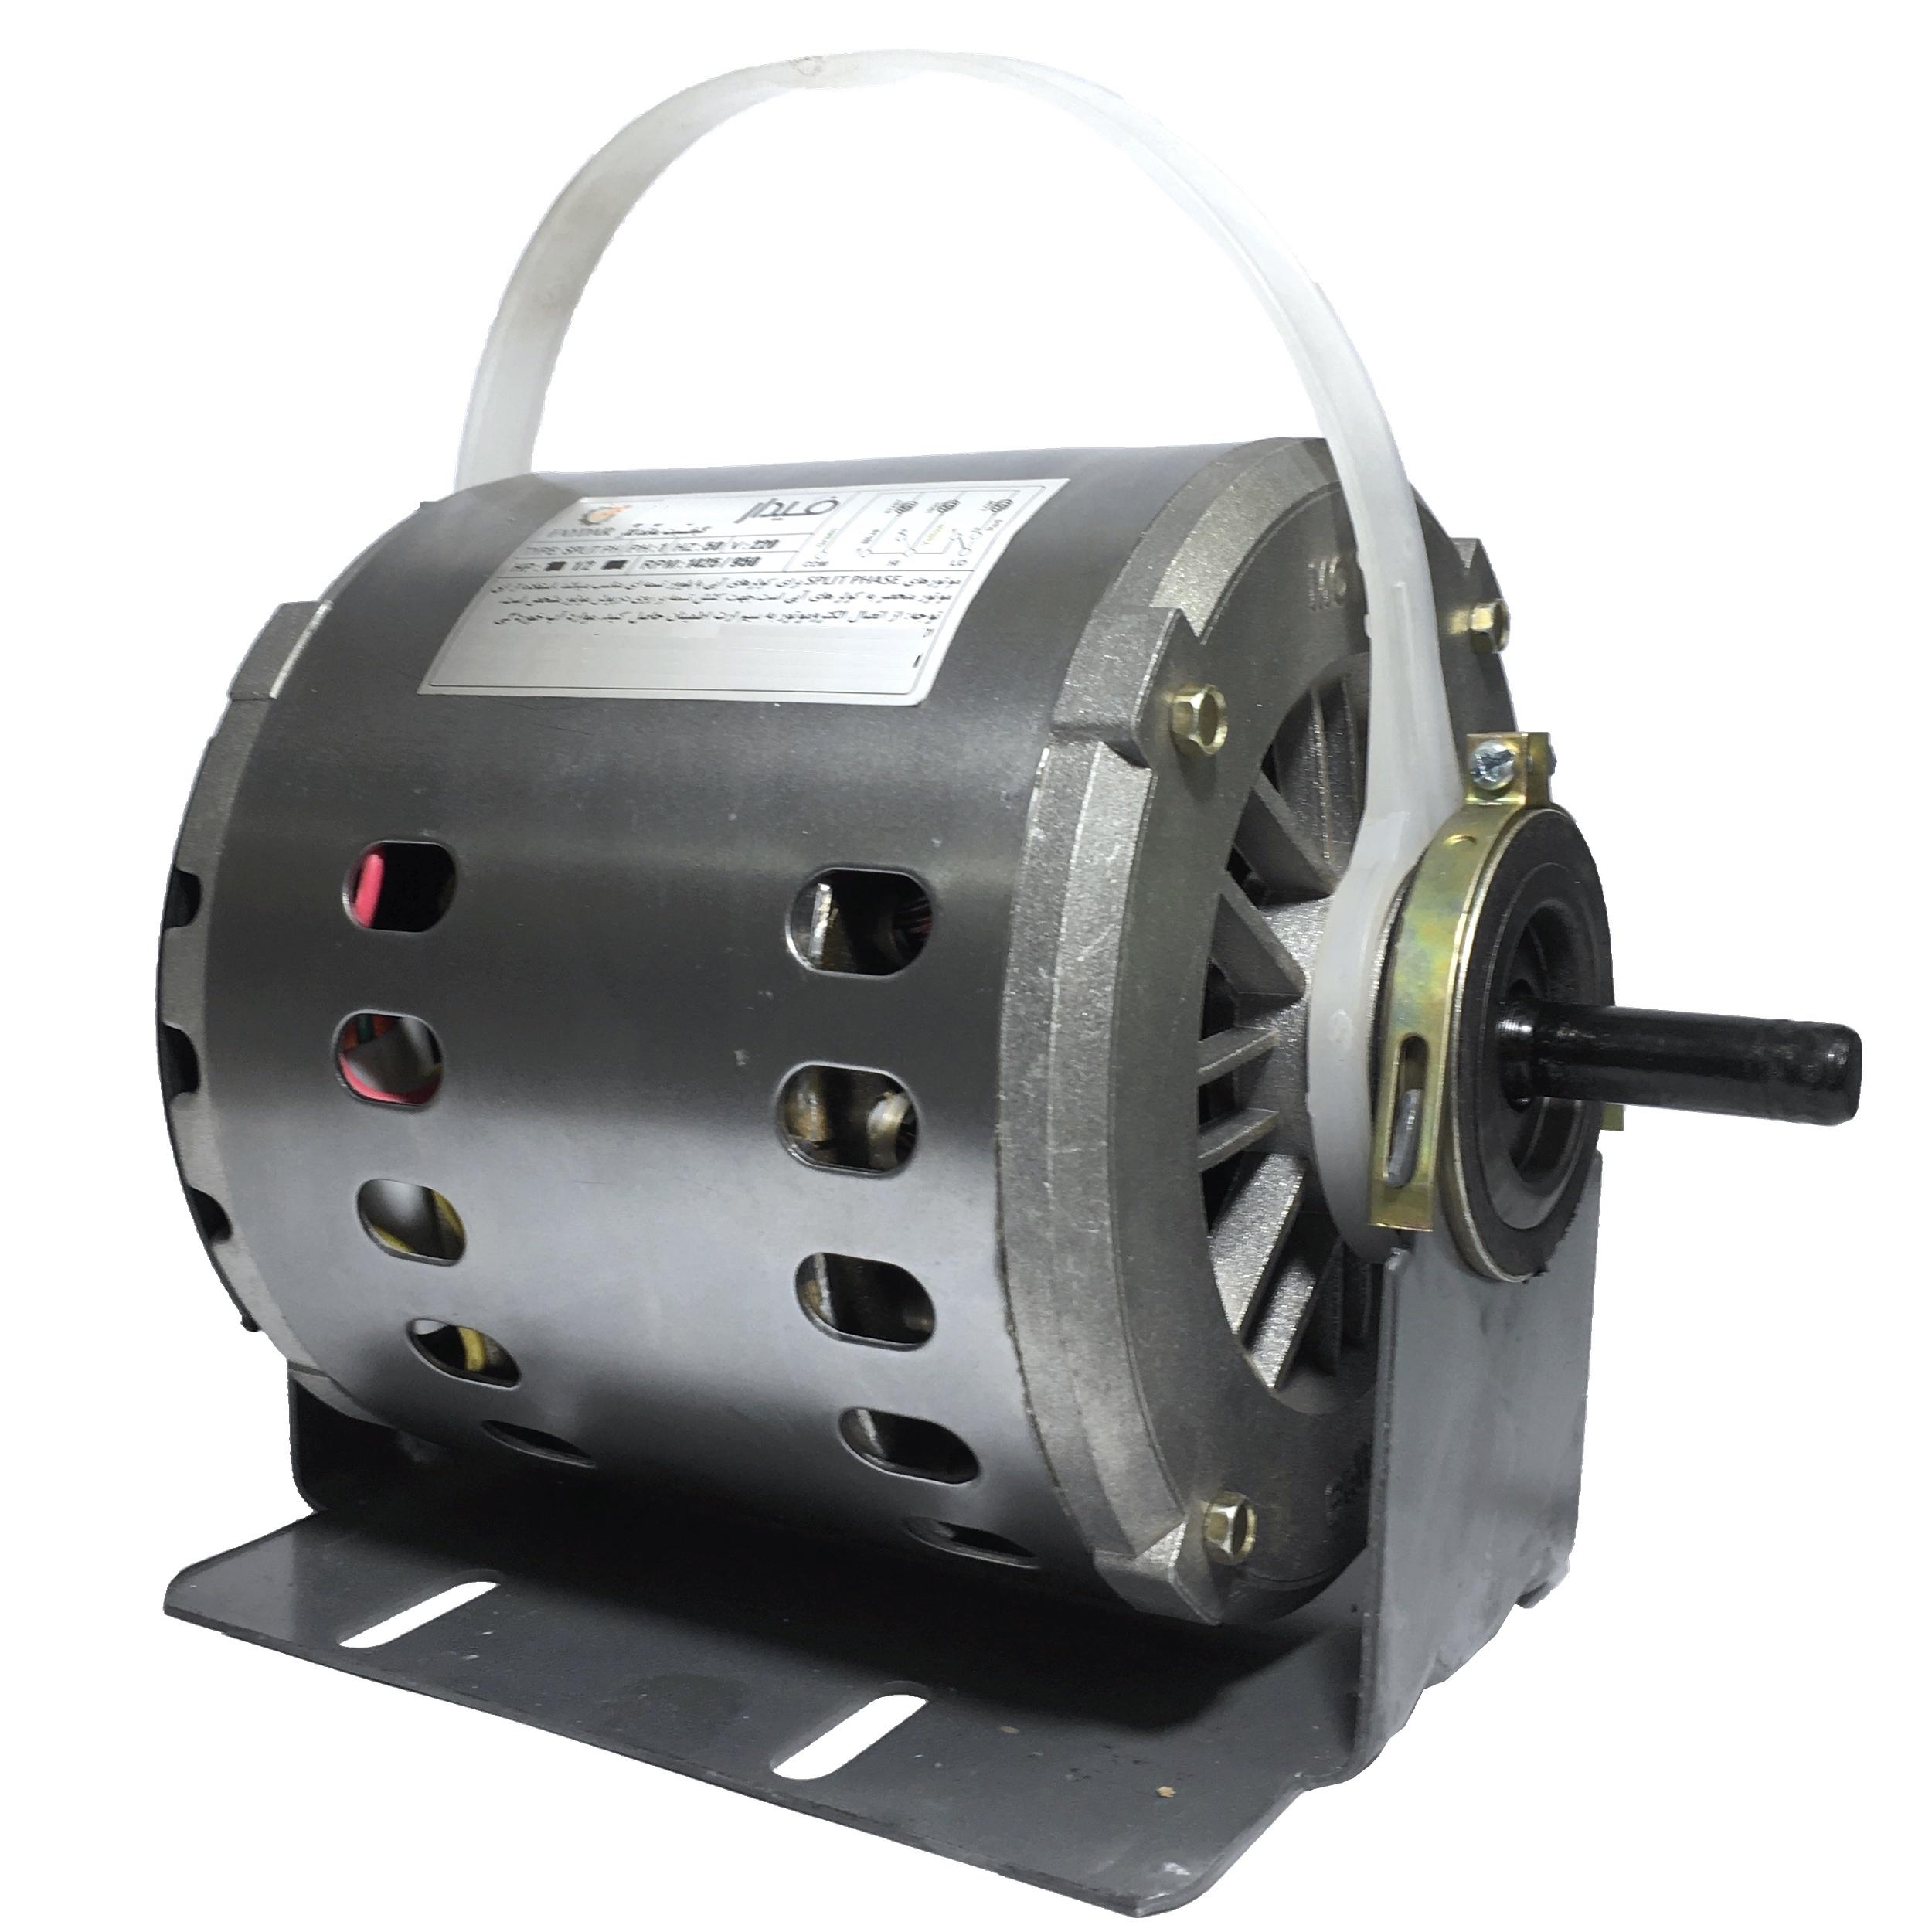 الکترو موتور کولر آبی فیدار مدل 1/2 A